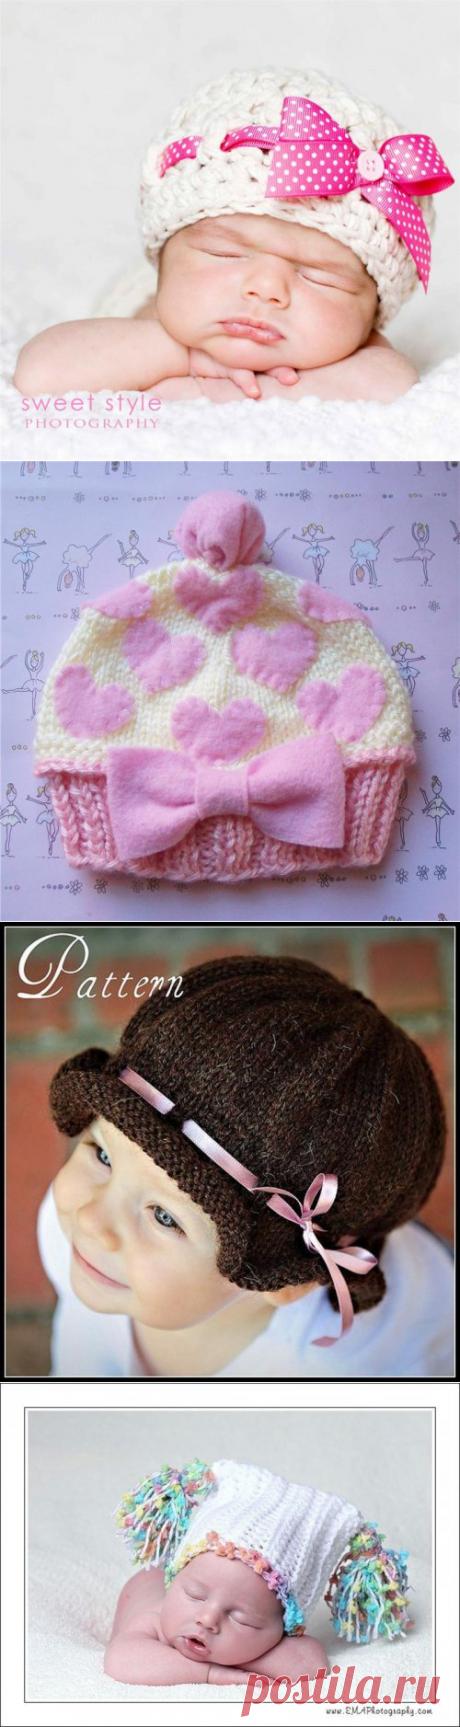 Идеи для рукодельниц - детские вязаные шапочки